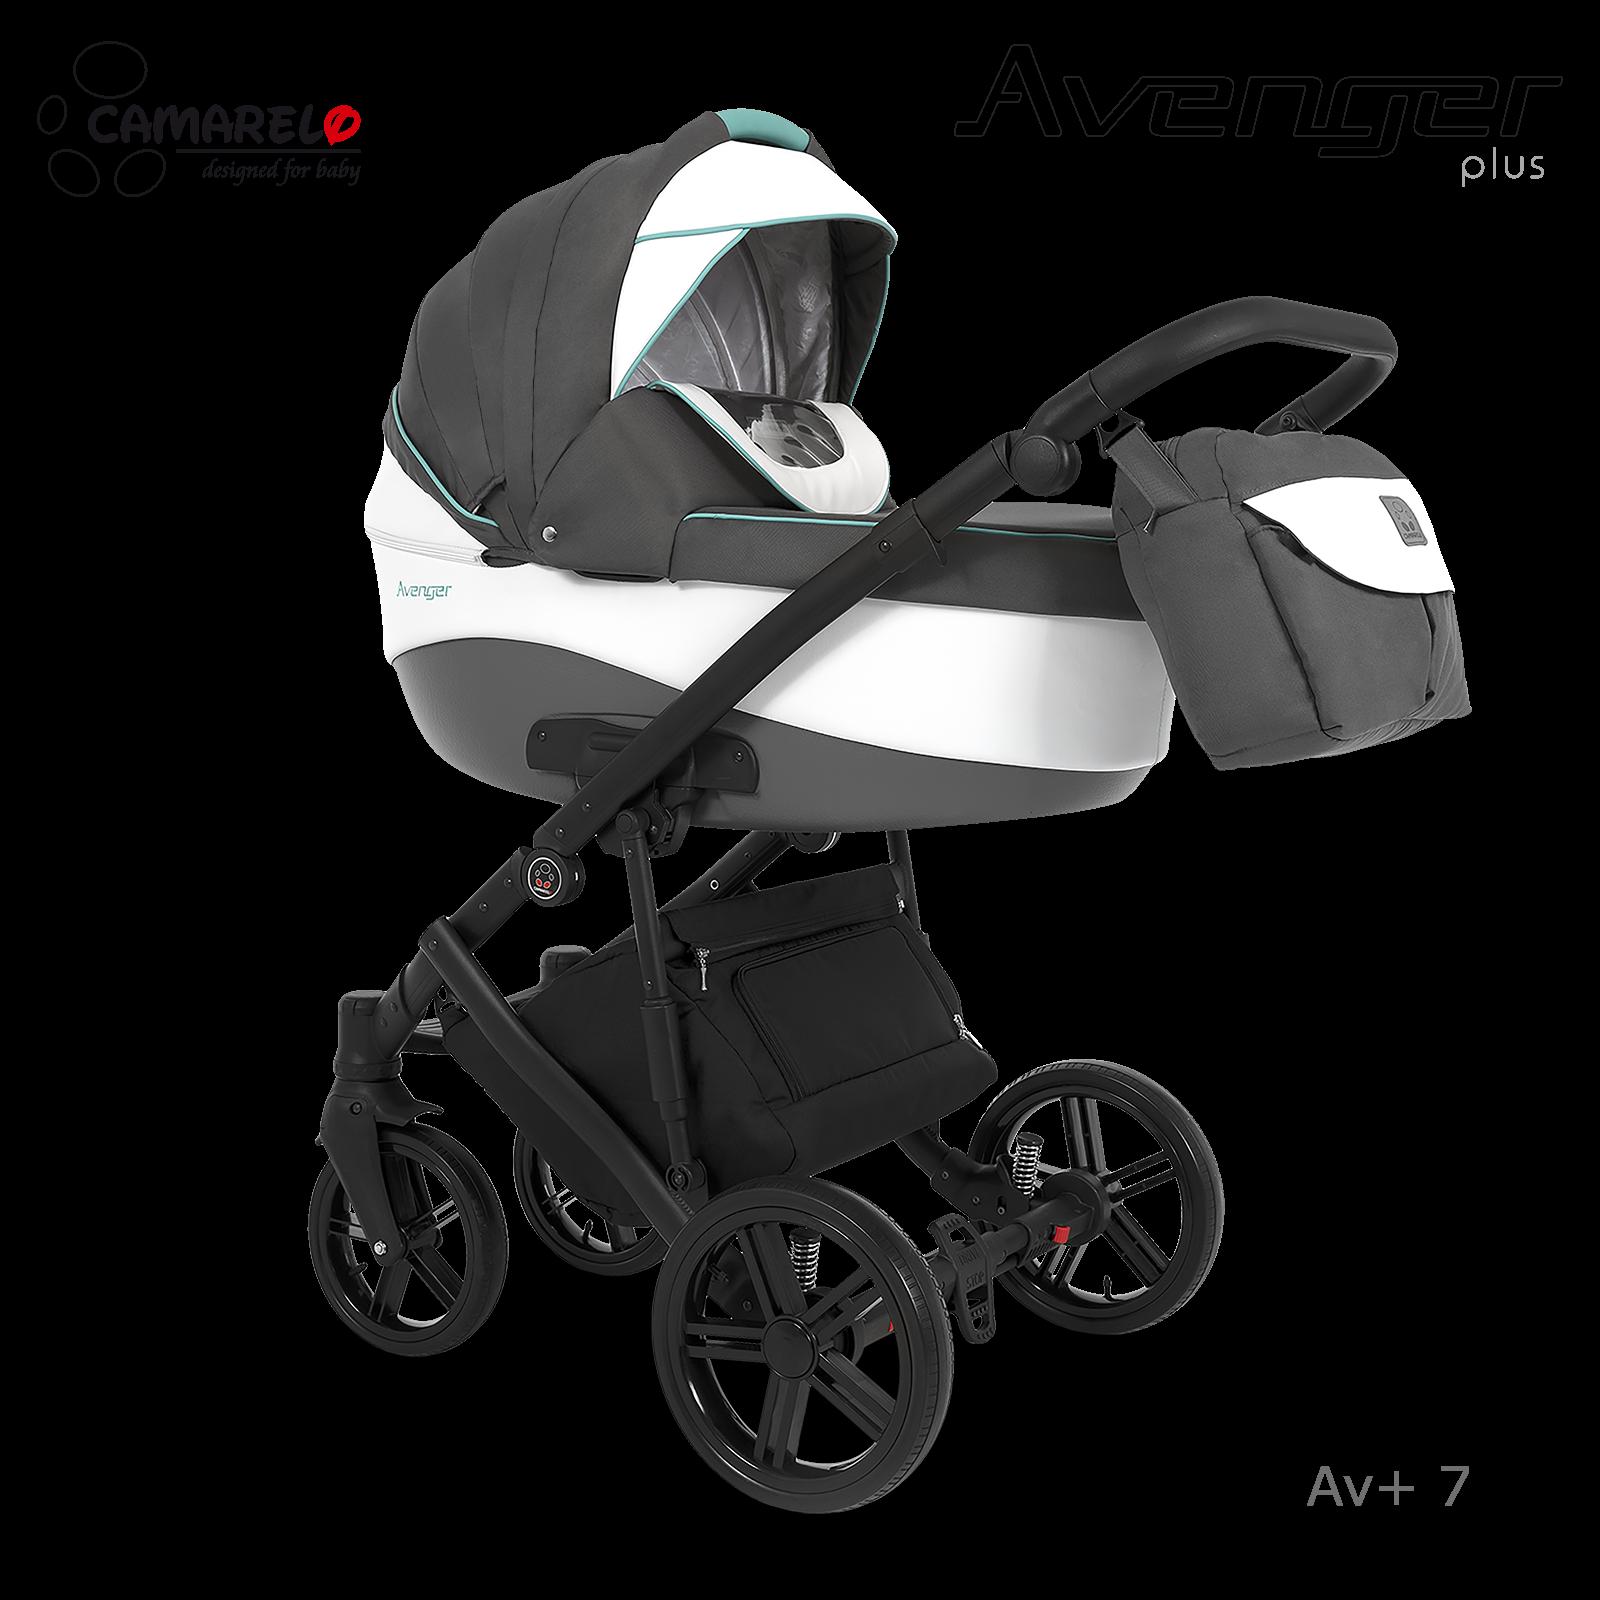 Carucior copii 3 in 1 Avenger Plus AV+7 Camarelo